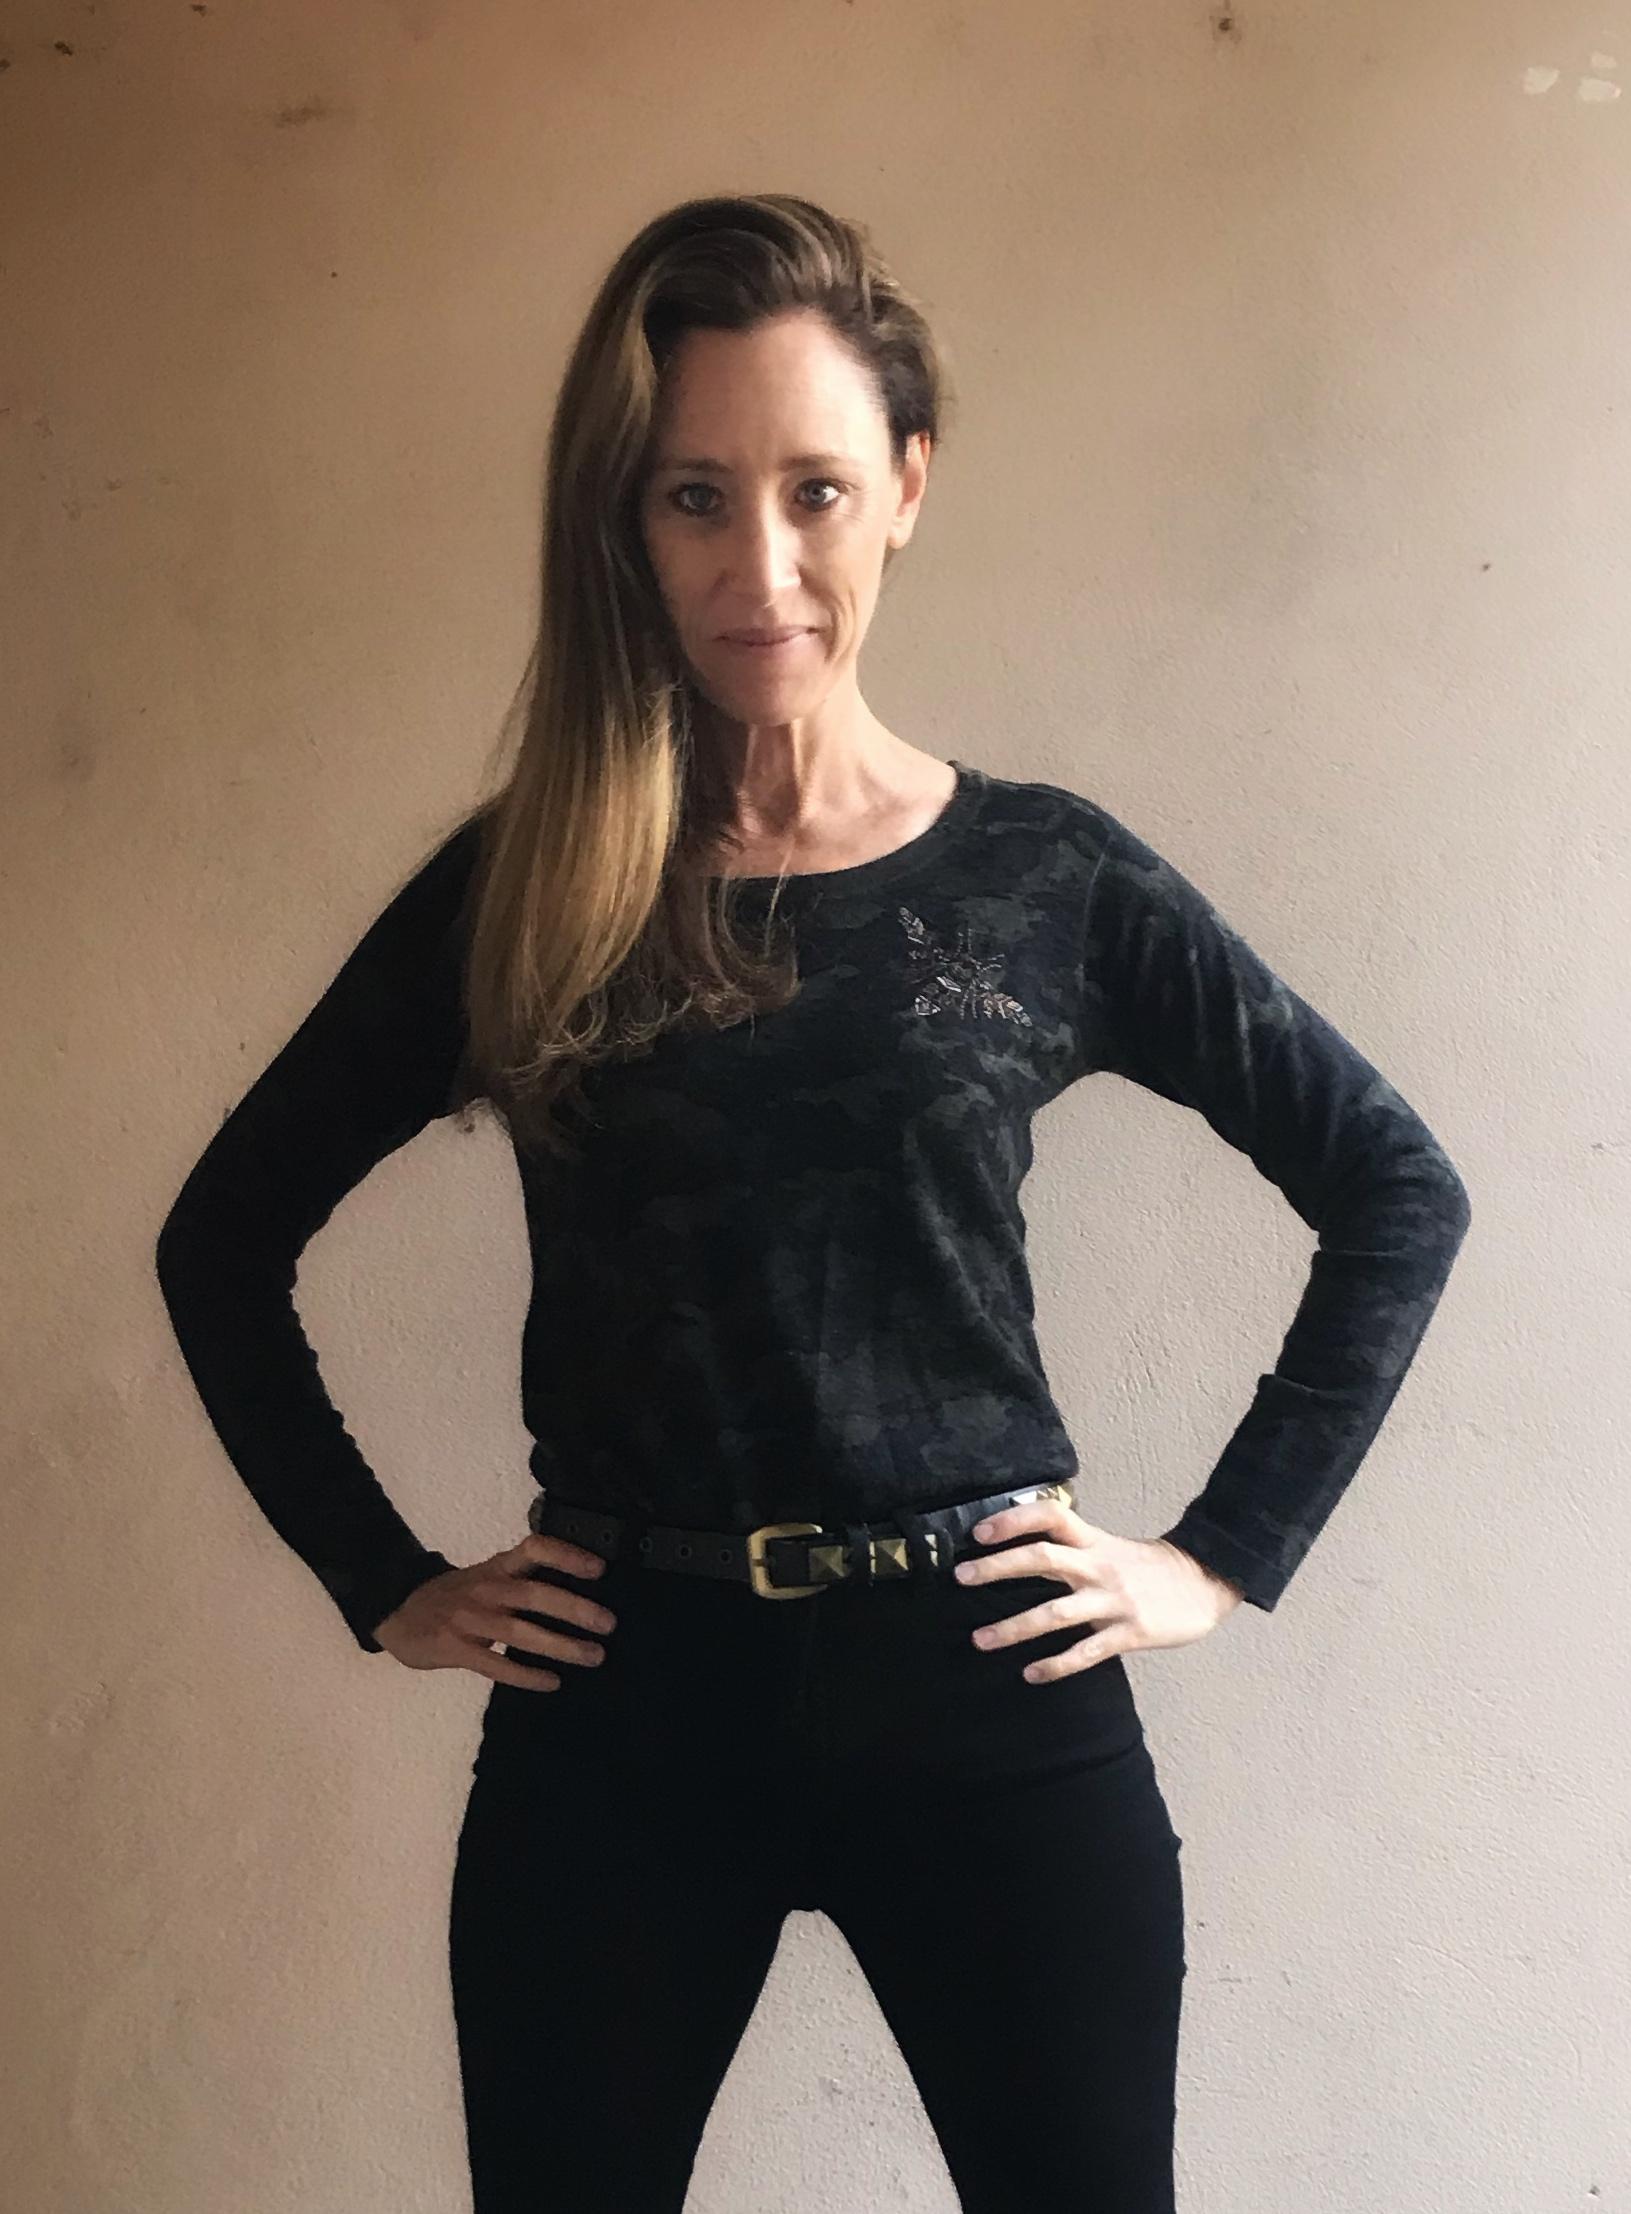 Founder, Jessica Kiely